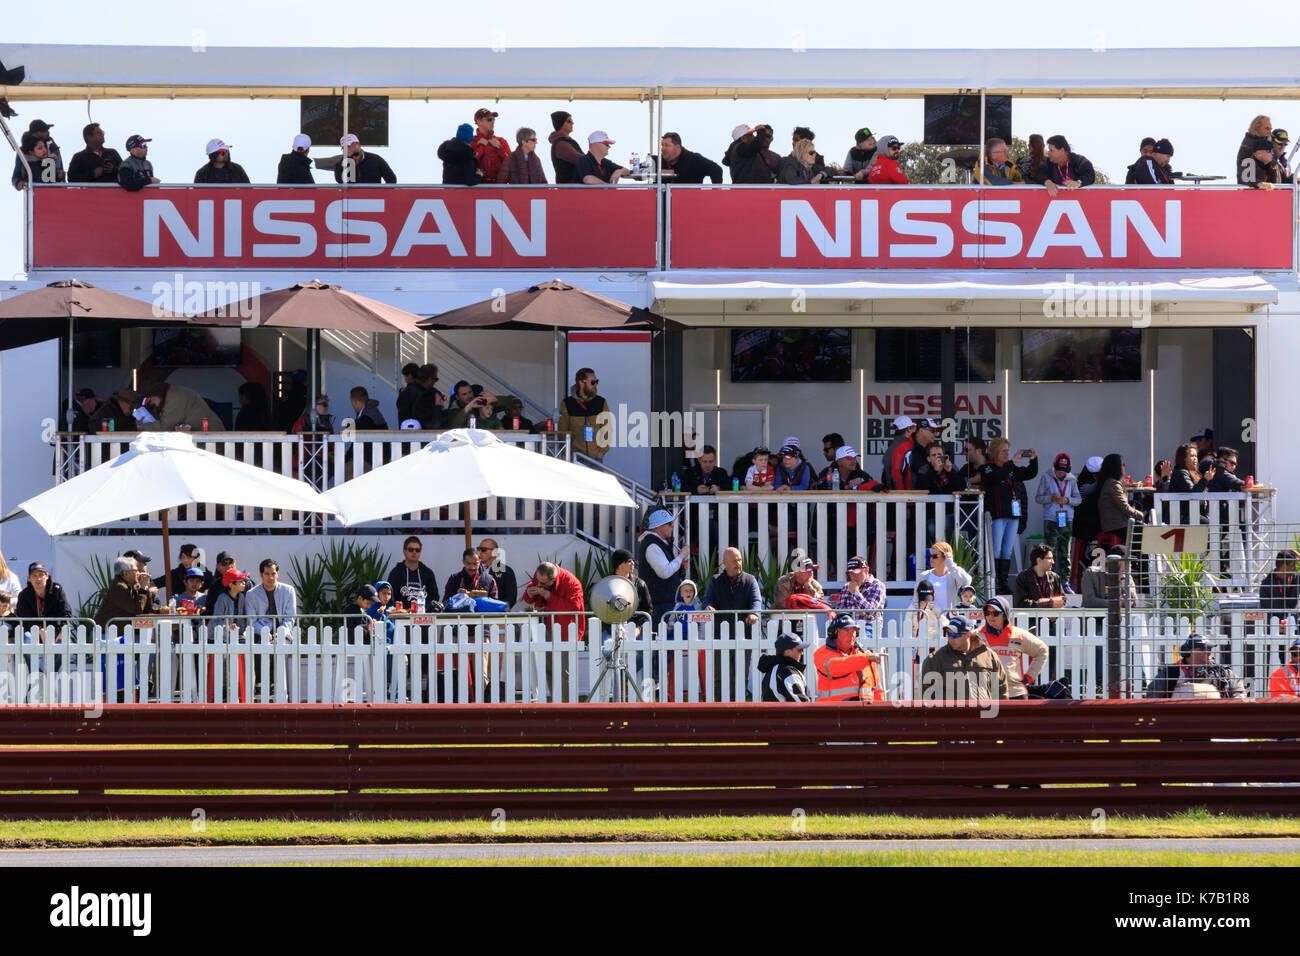 MELBOURNE AUSTRALIA - 16 SEPTEMBER Nissan Motorsport tent during the The Virgin Australia Supercars Ch&ionship - 2017 Sandown 500 Australia on ... & MELBOURNE AUSTRALIA - 16 SEPTEMBER: Nissan Motorsport tent during ...